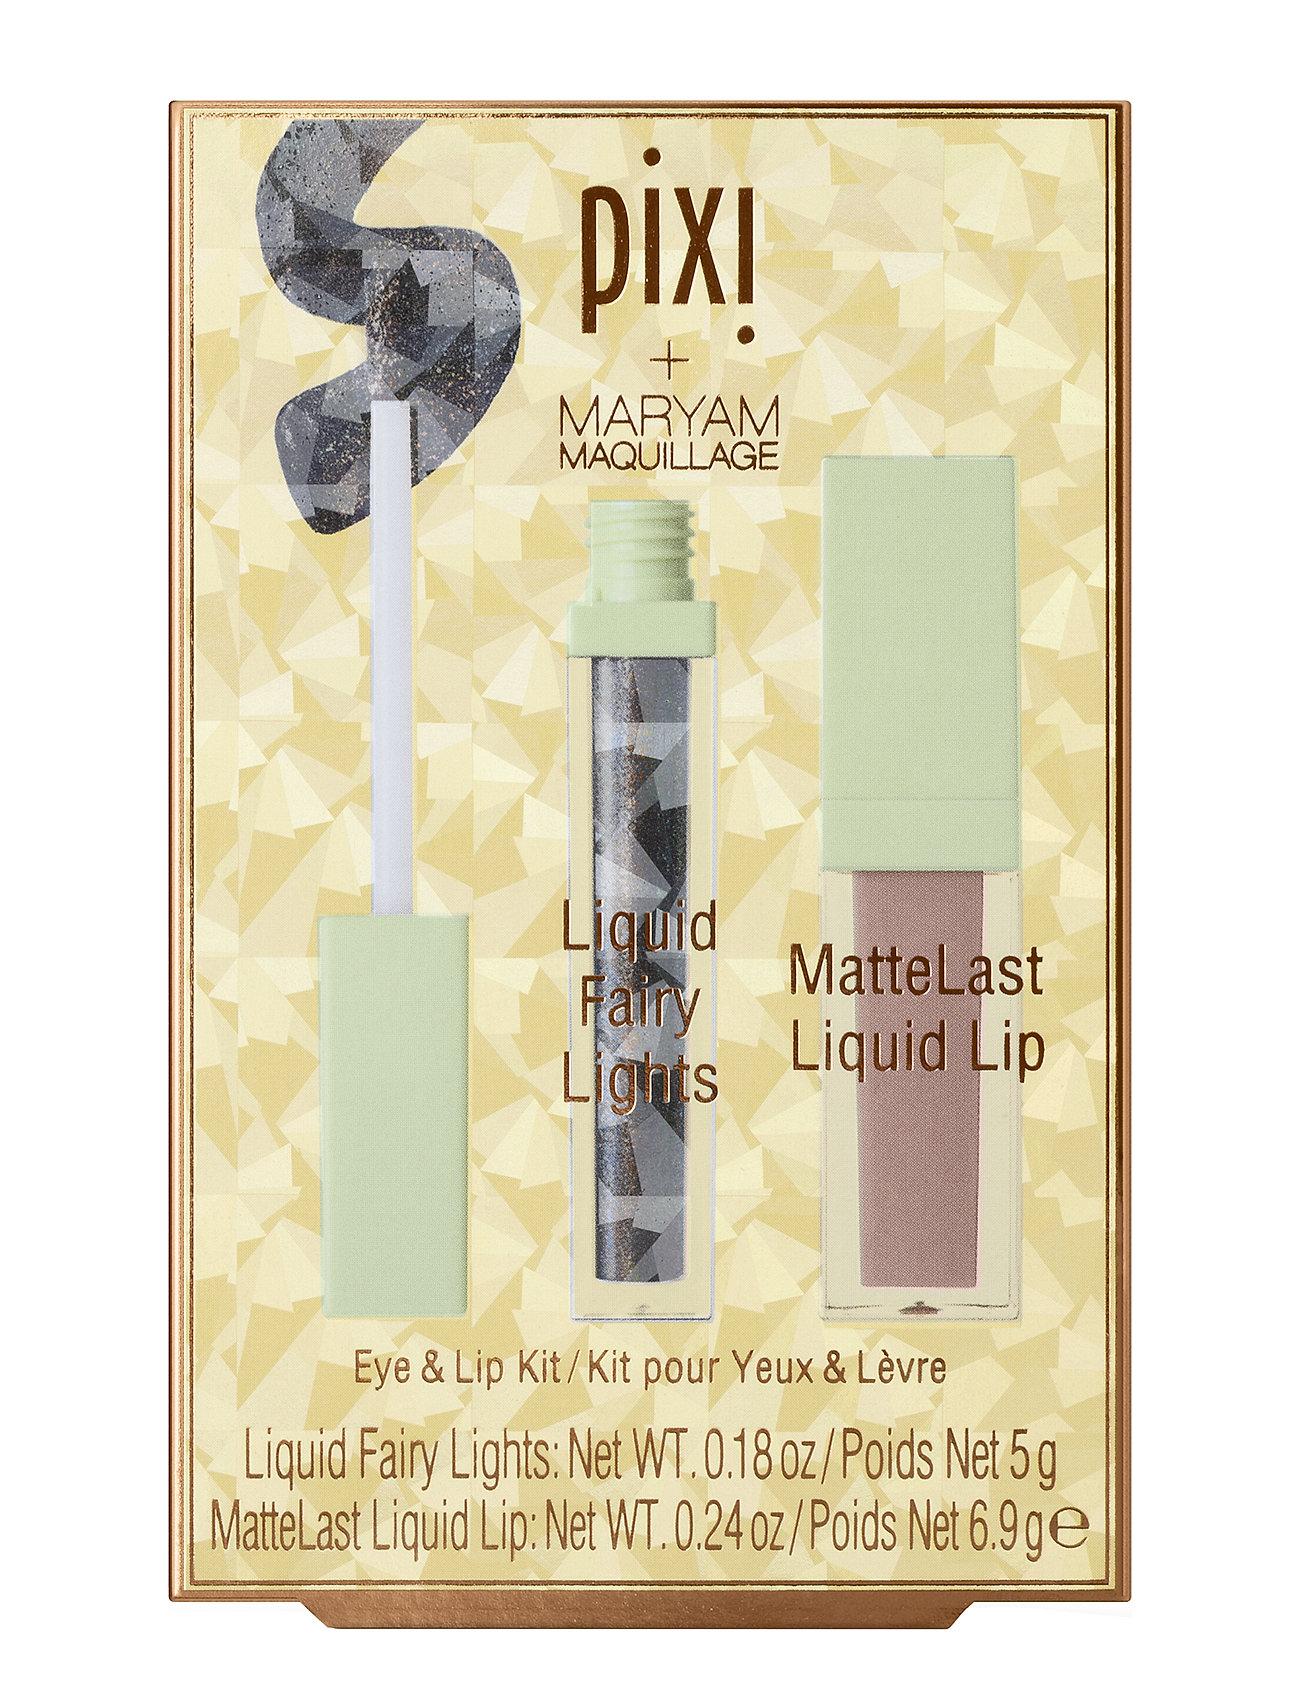 Pixi Pixi + Maryam Maquillage Kit - NO COLOUR